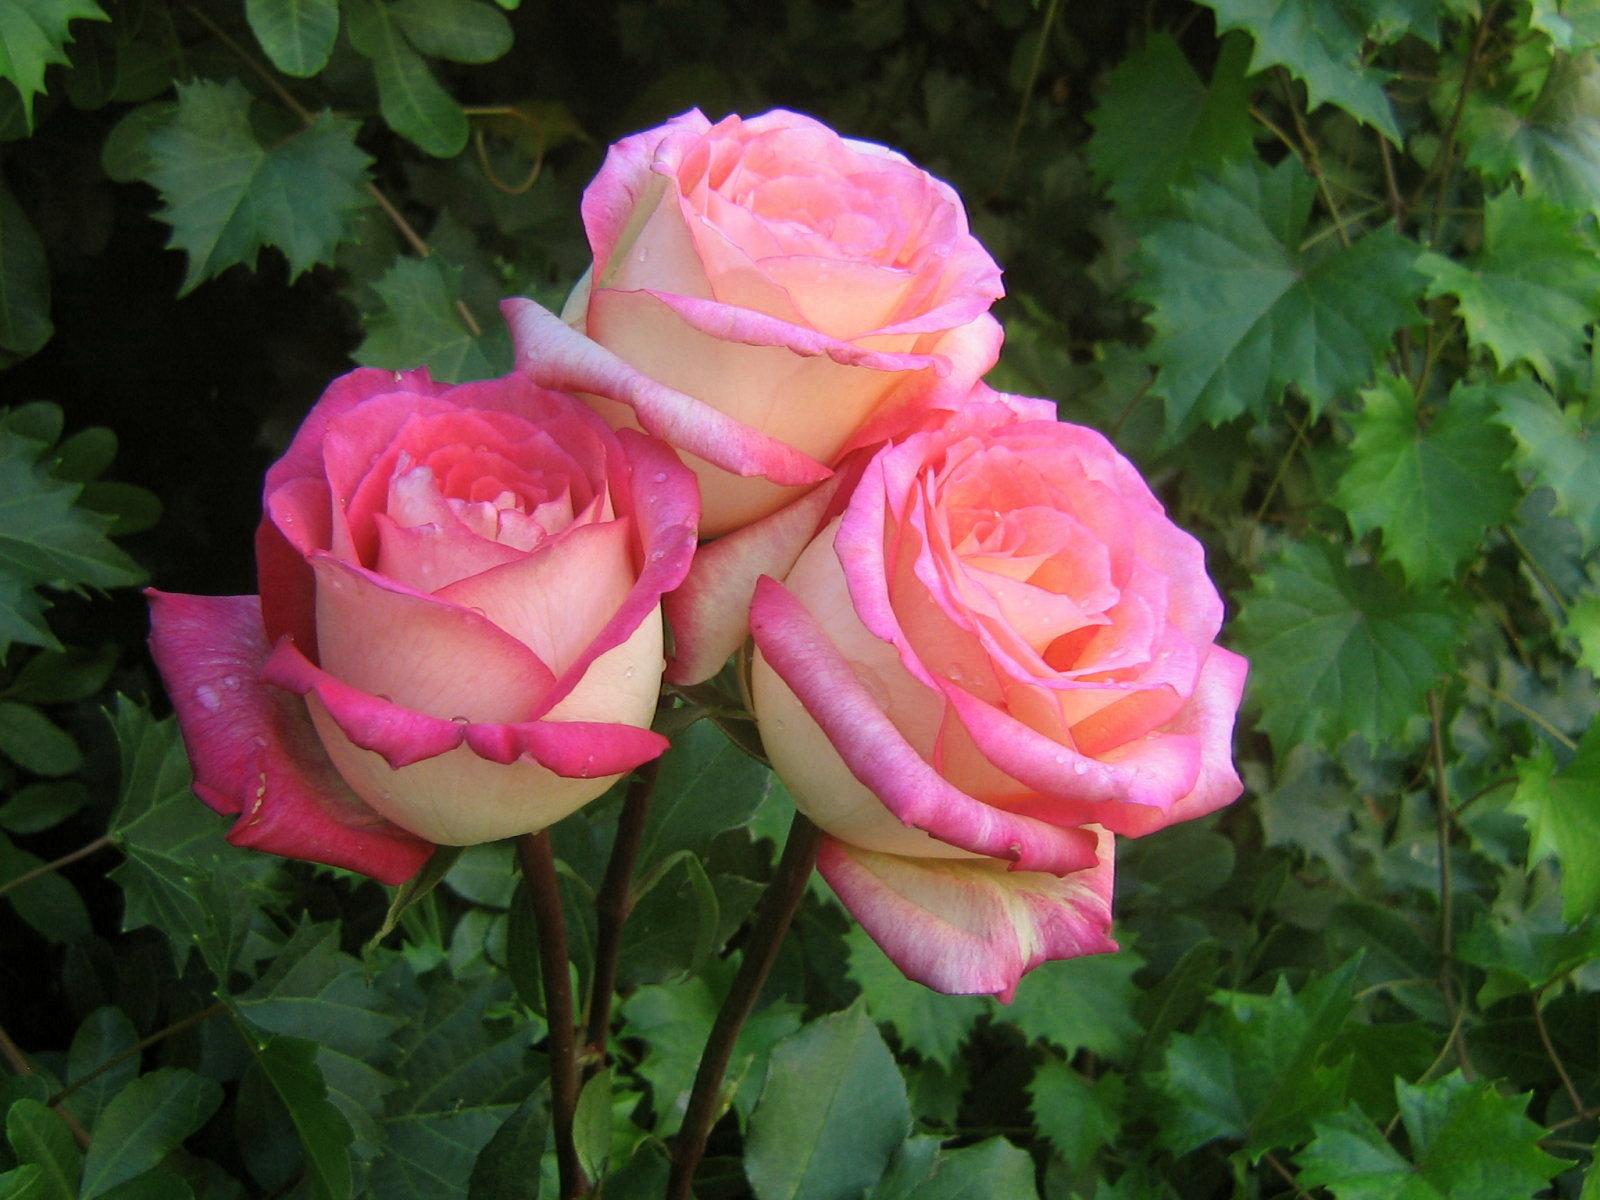 بالصور ورود من الطبيعة , اجمل صور لزهور جميلة 3752 9